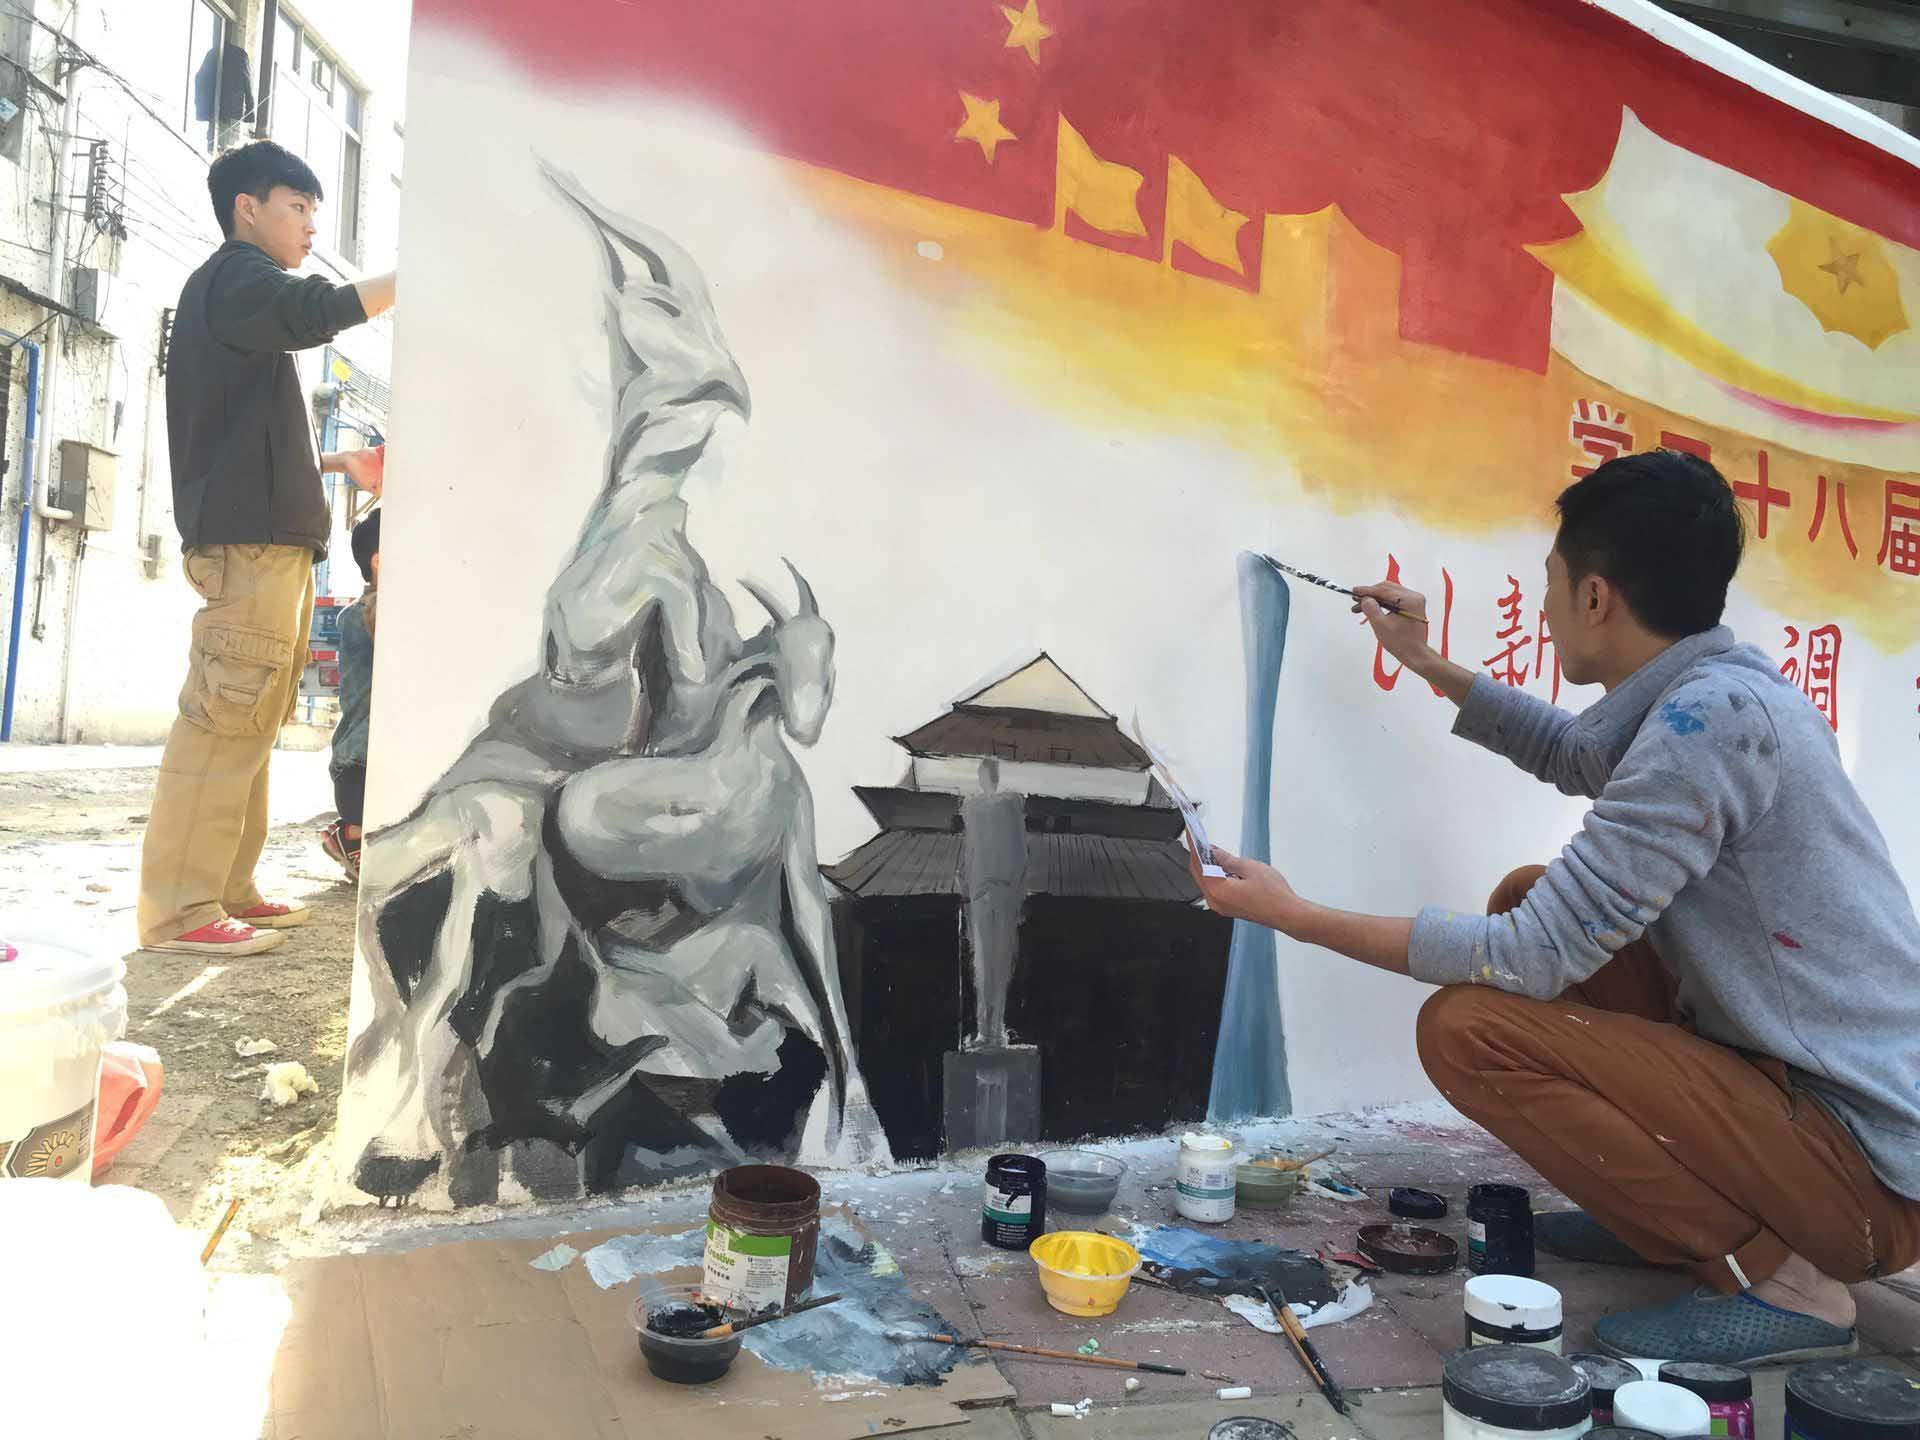 川美手绘墙画设计室,是一家以艺术手绘壁画